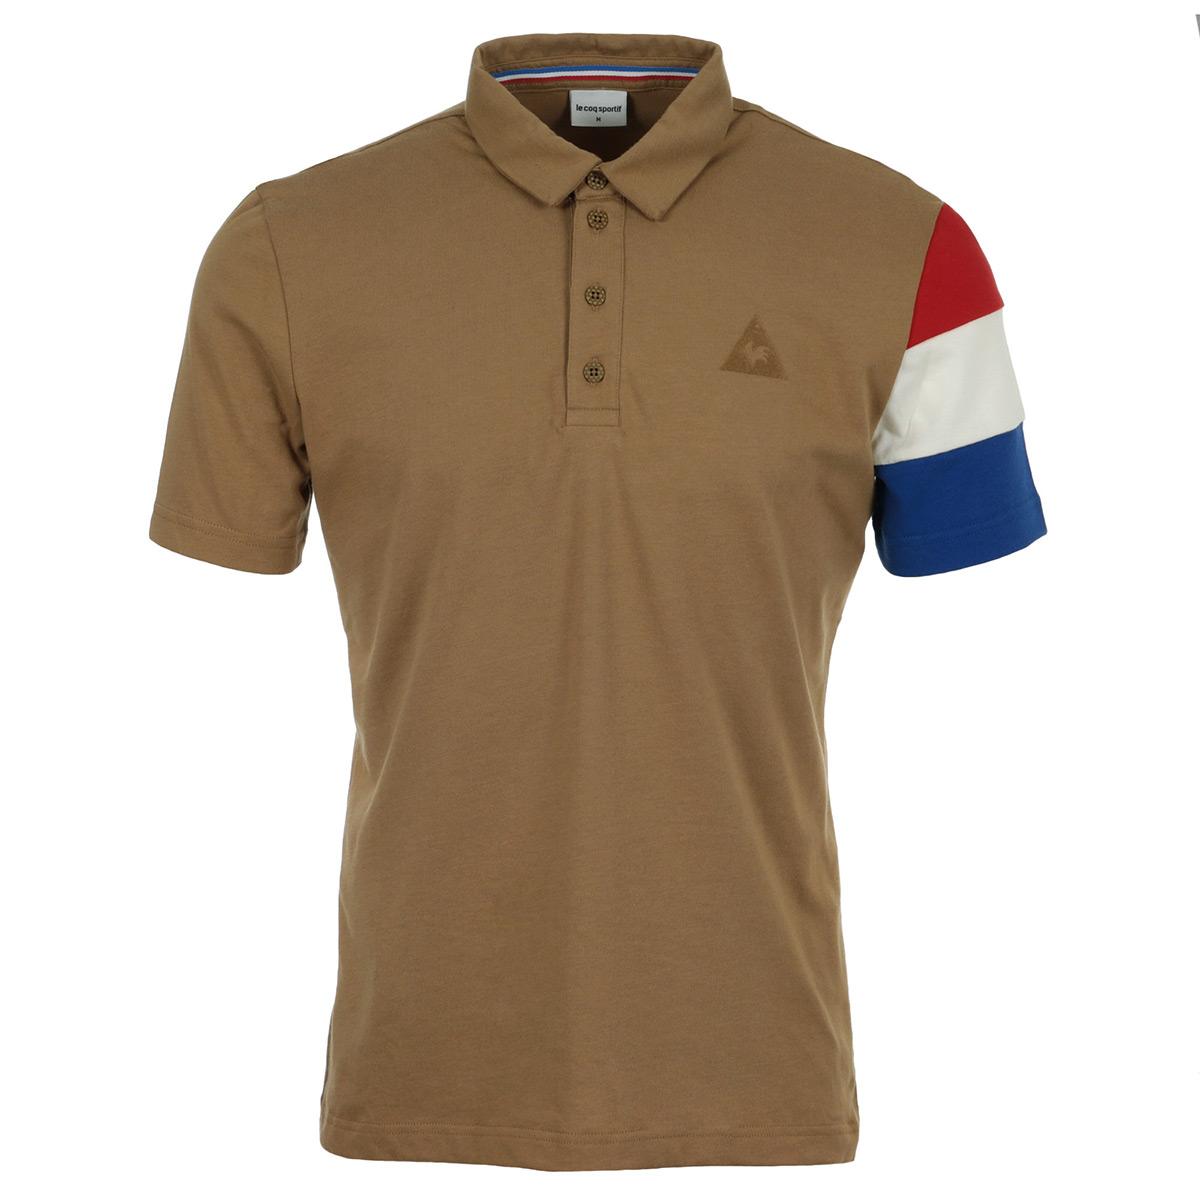 ebd906341870 Vêtement Polos Le Coq Sportif homme Tri BBR SP Cotontech Polo SS ...